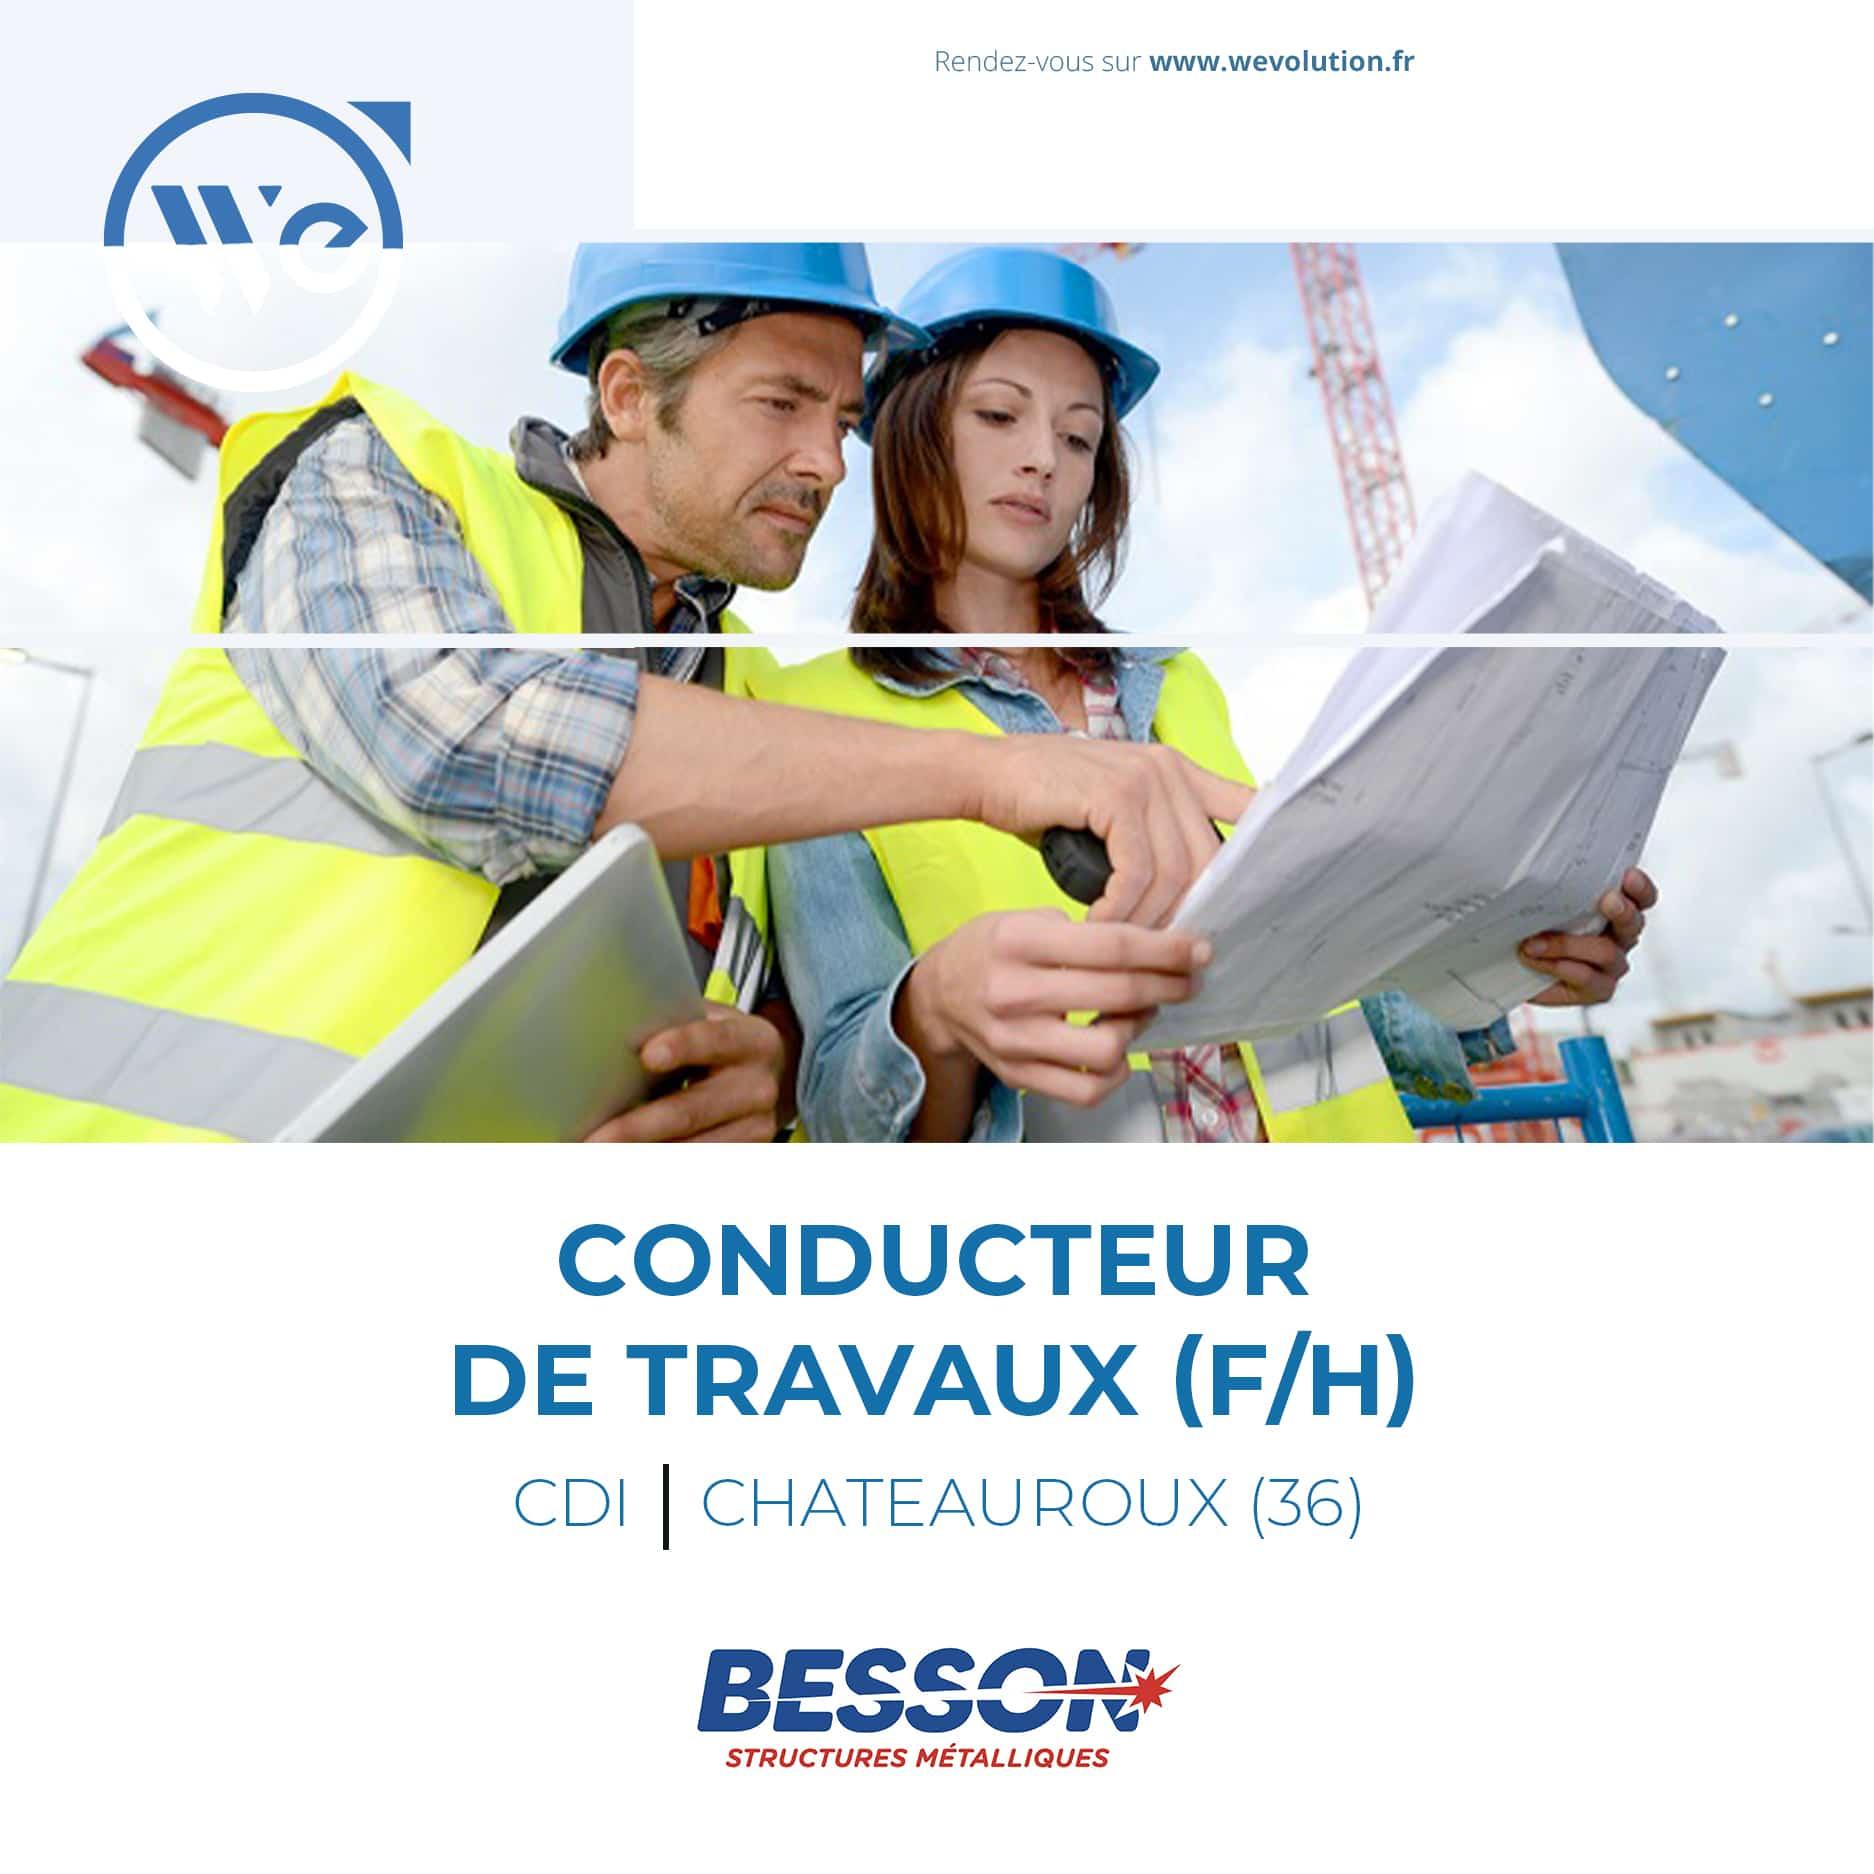 CONDUCTEUR DE TRAVAUX (F/H)